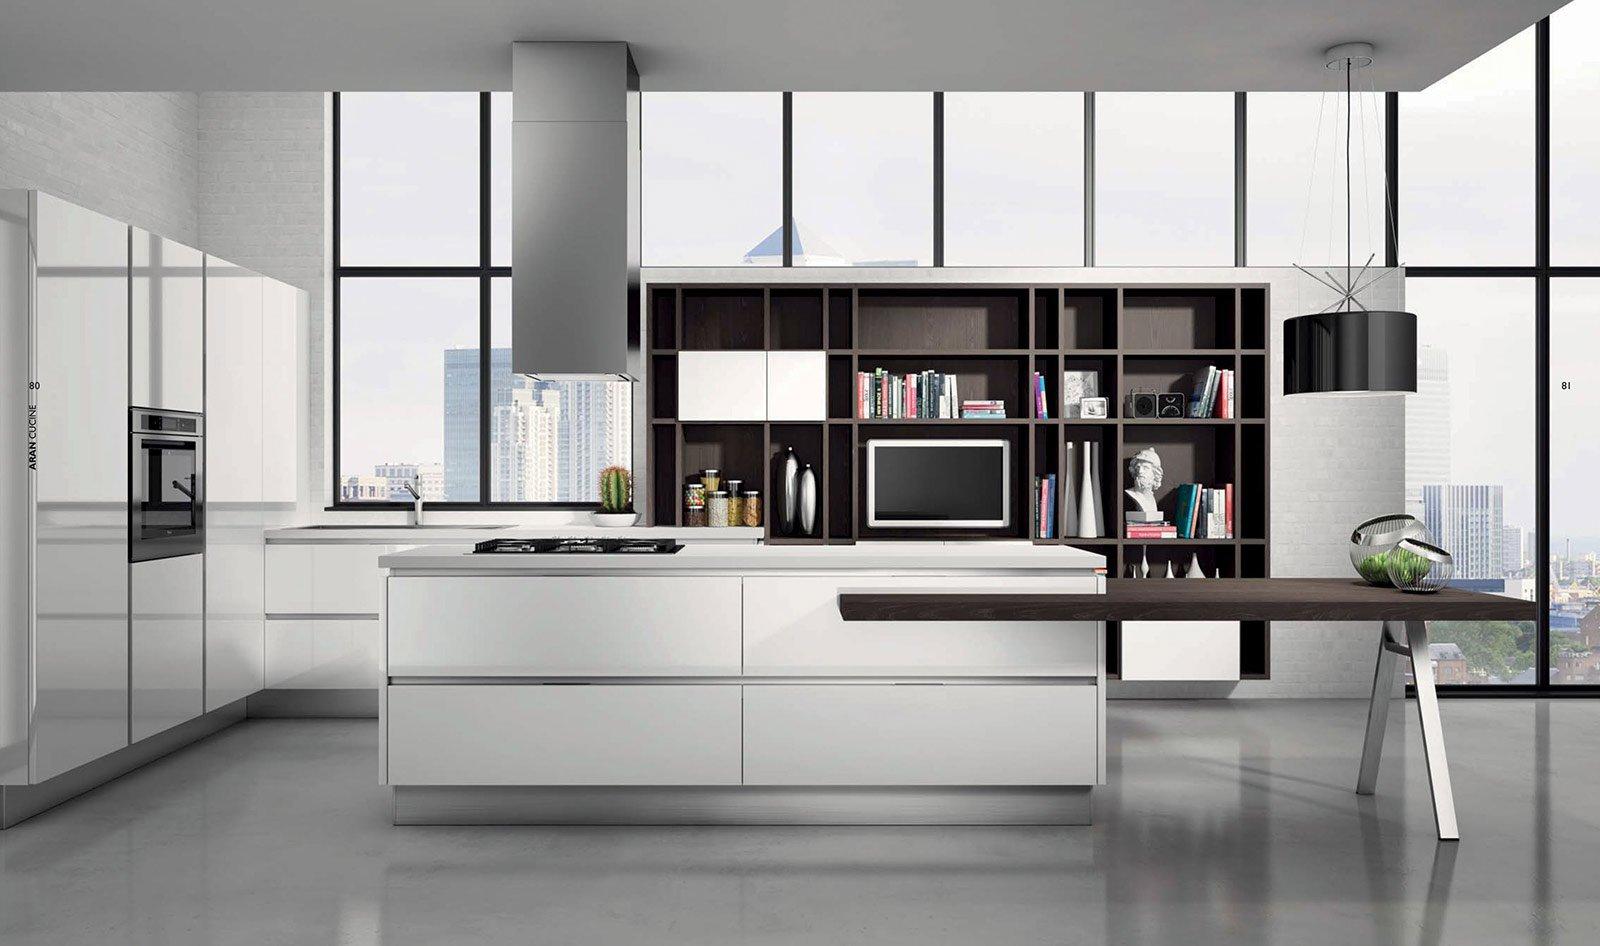 La cucina con l 39 isola monocromatica o bicolore cose di casa - Cucine con isola ...